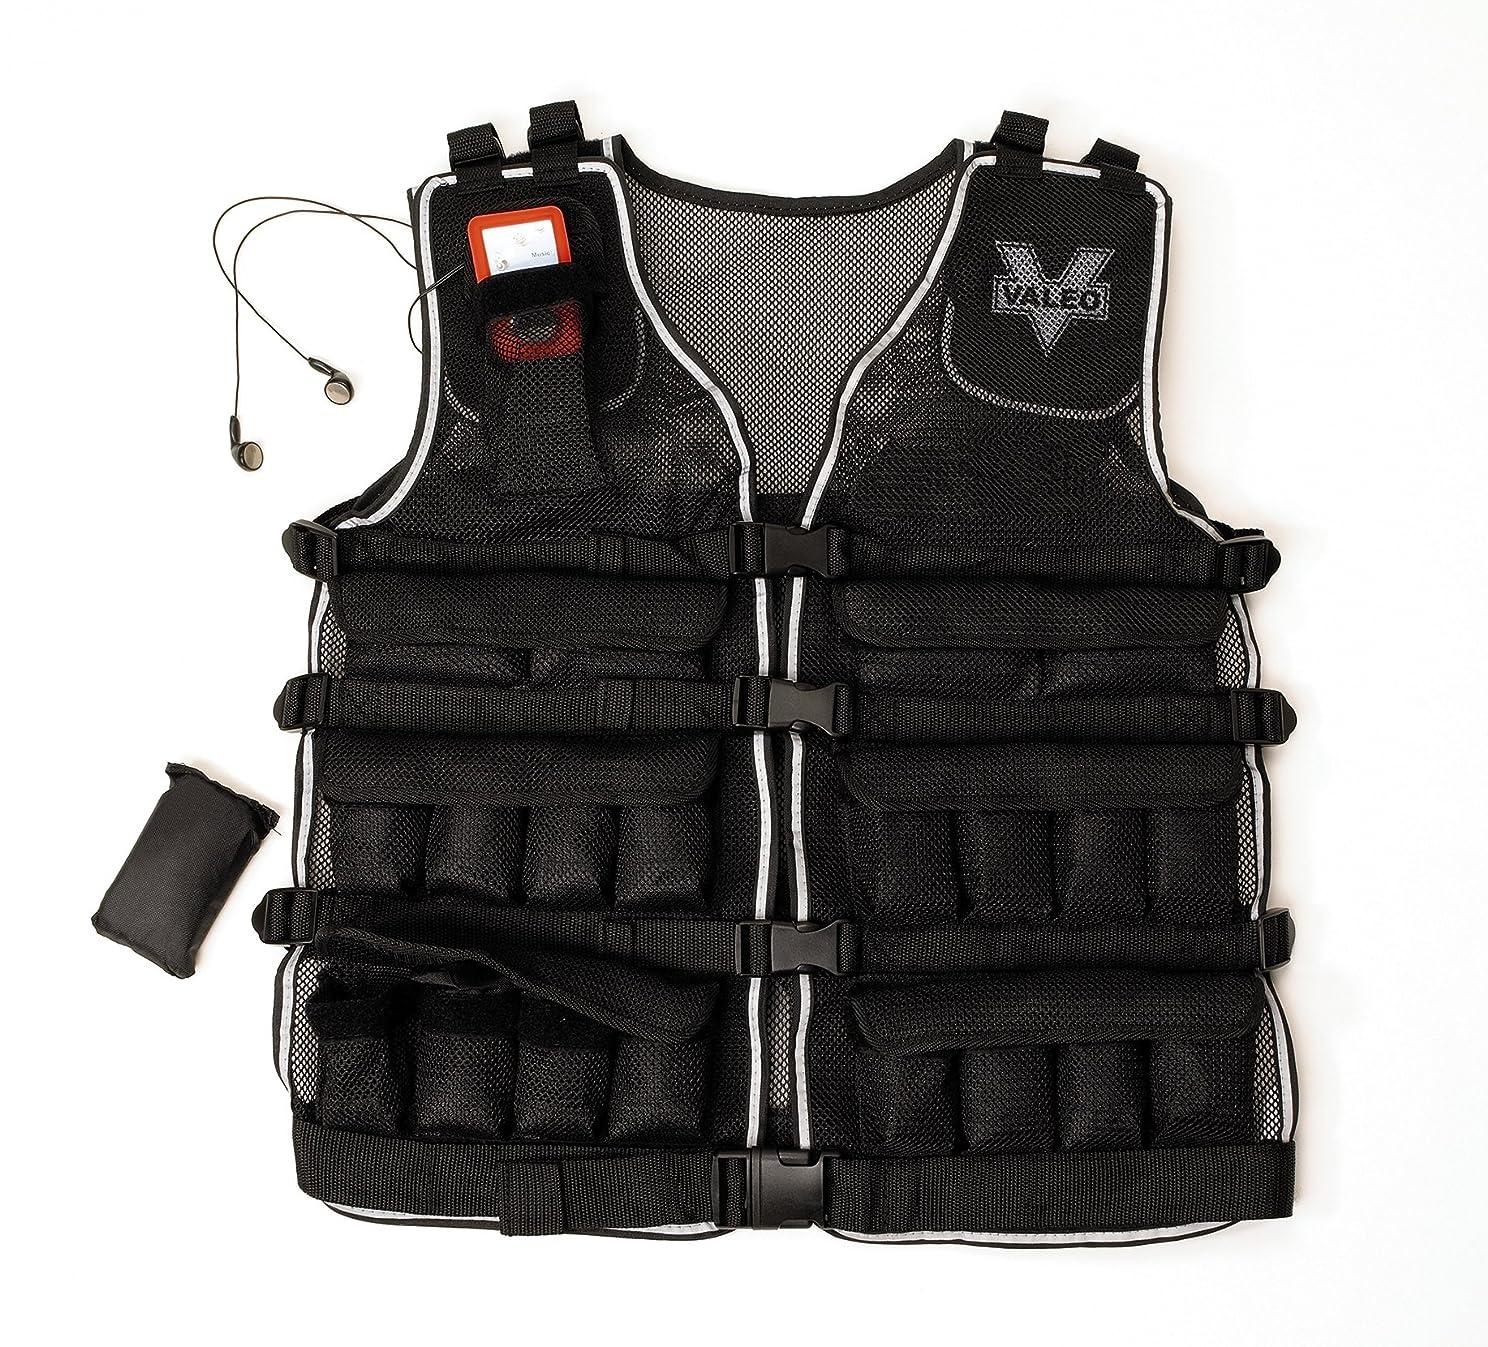 聴く背が高いびっくりするValeo 20lb Weighted Vest WV20 %